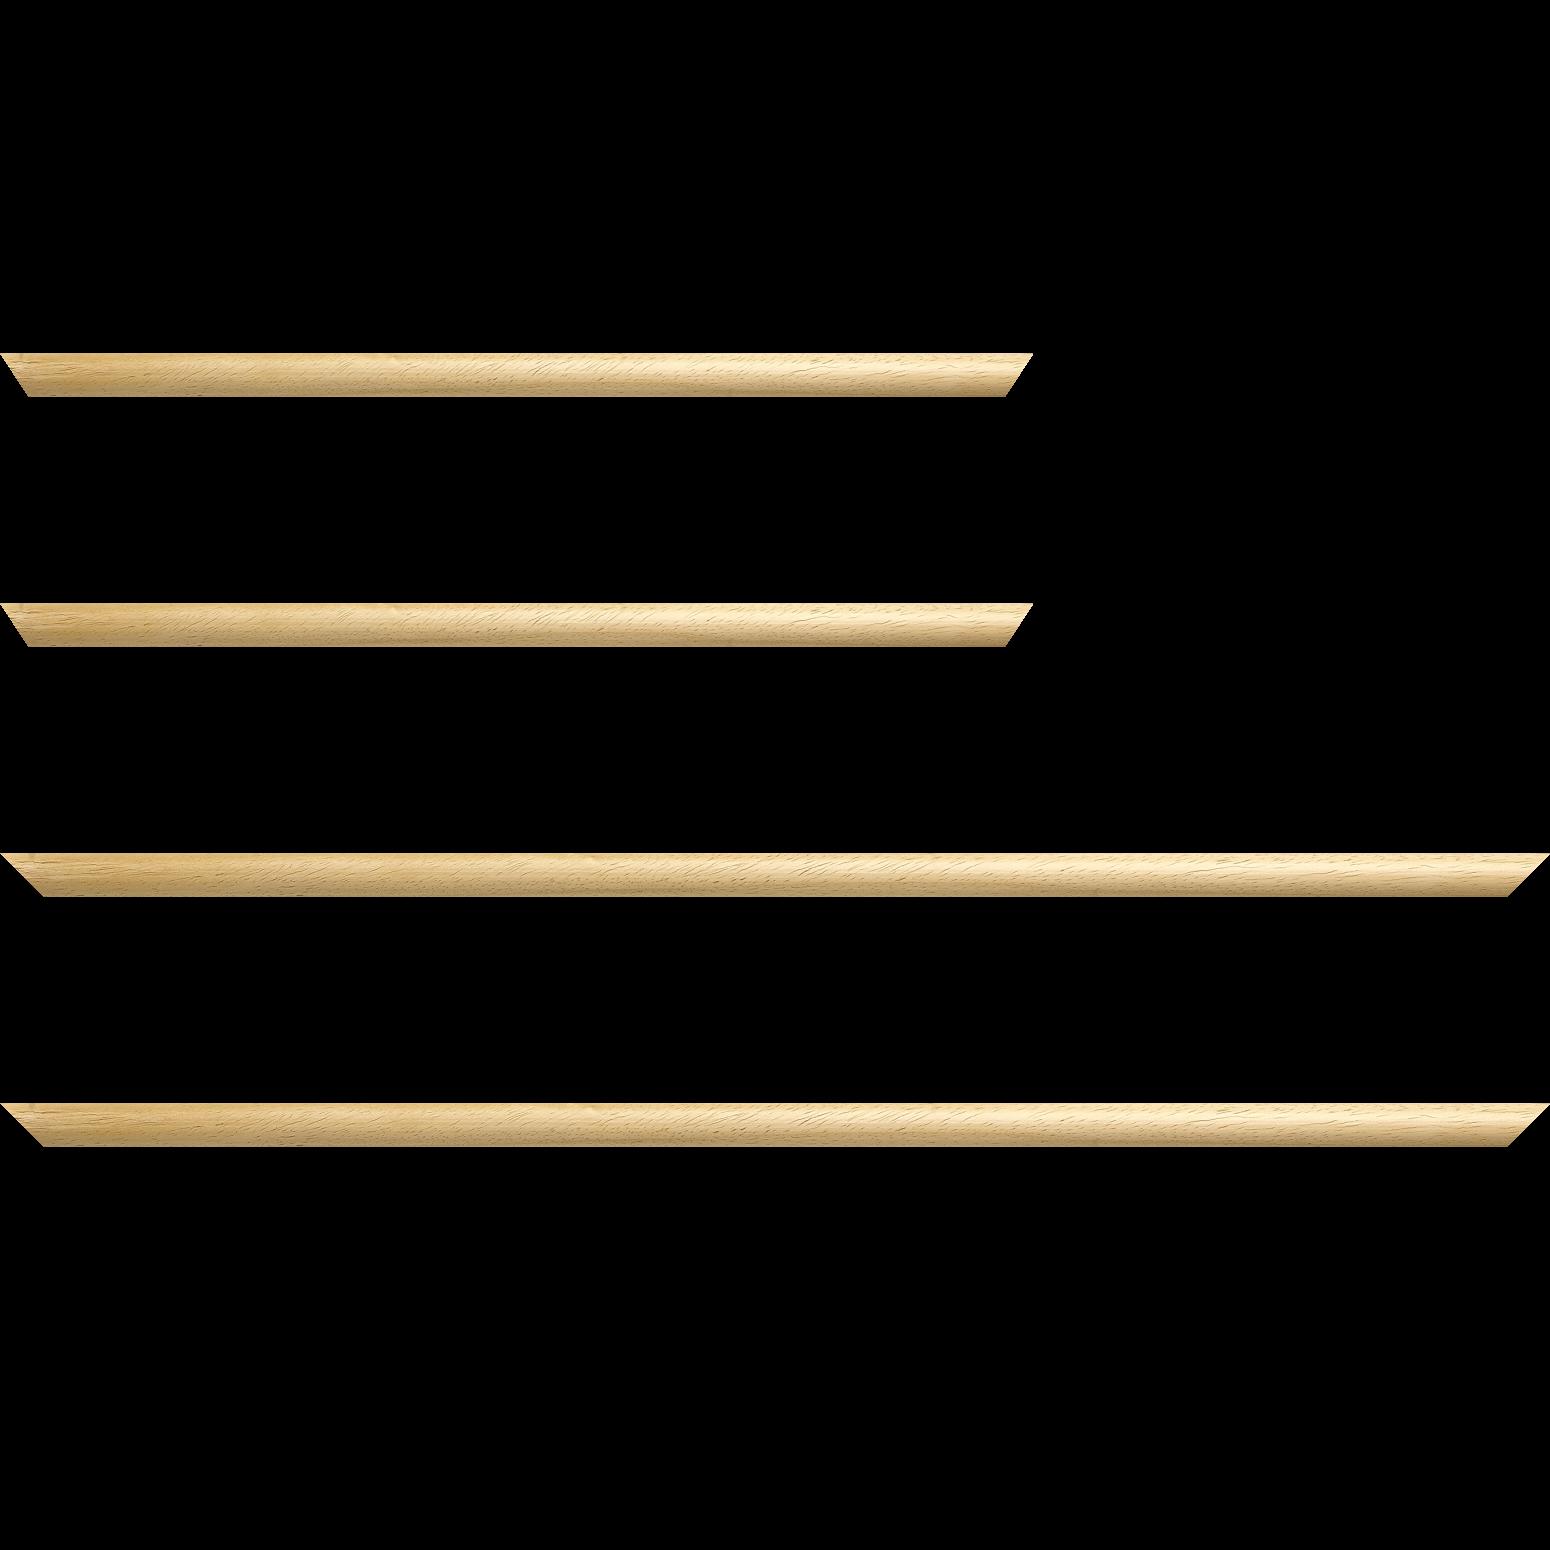 Baguette service précoupé Bois profil demi rond largeur 1.5cm couleur naturel satiné